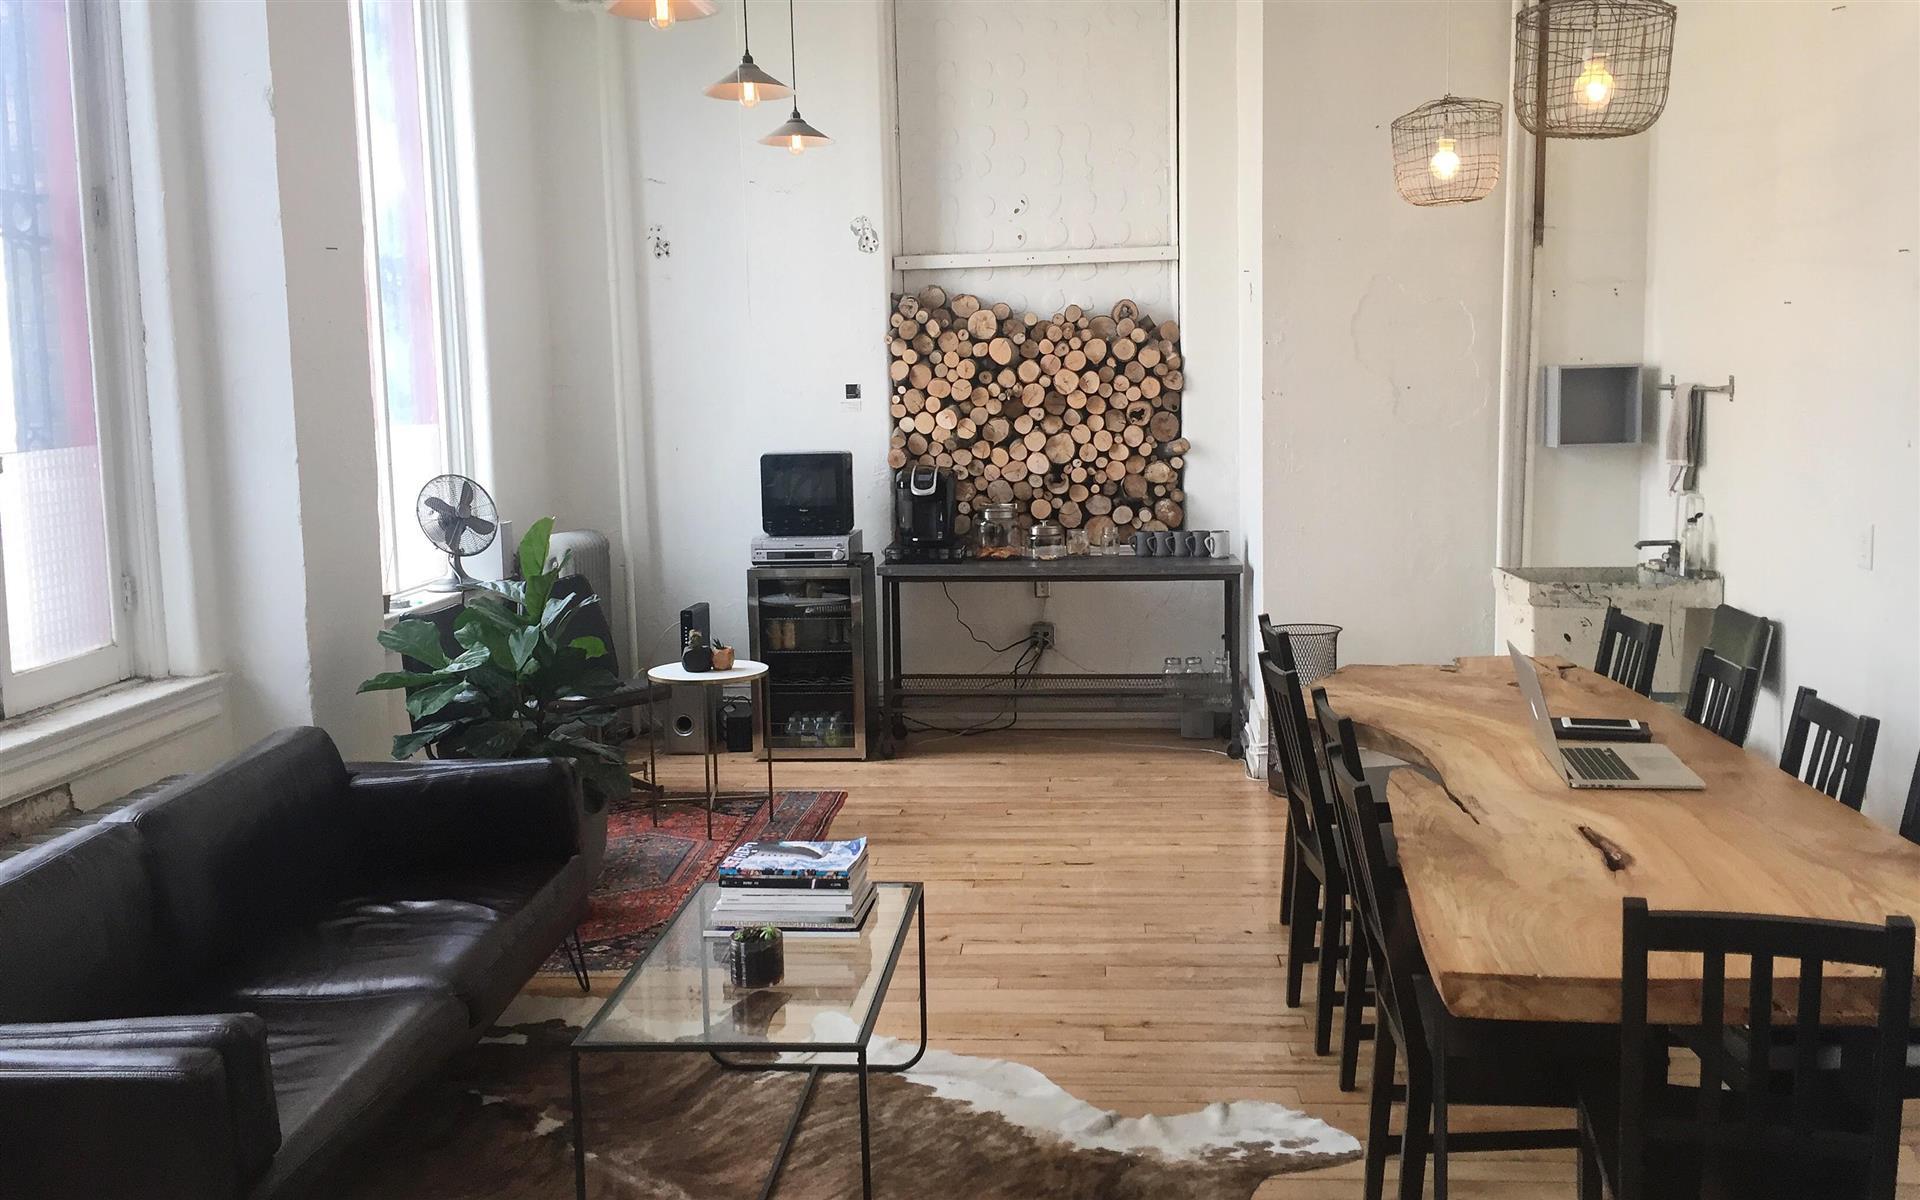 Locale Workroom - Locale Workroom